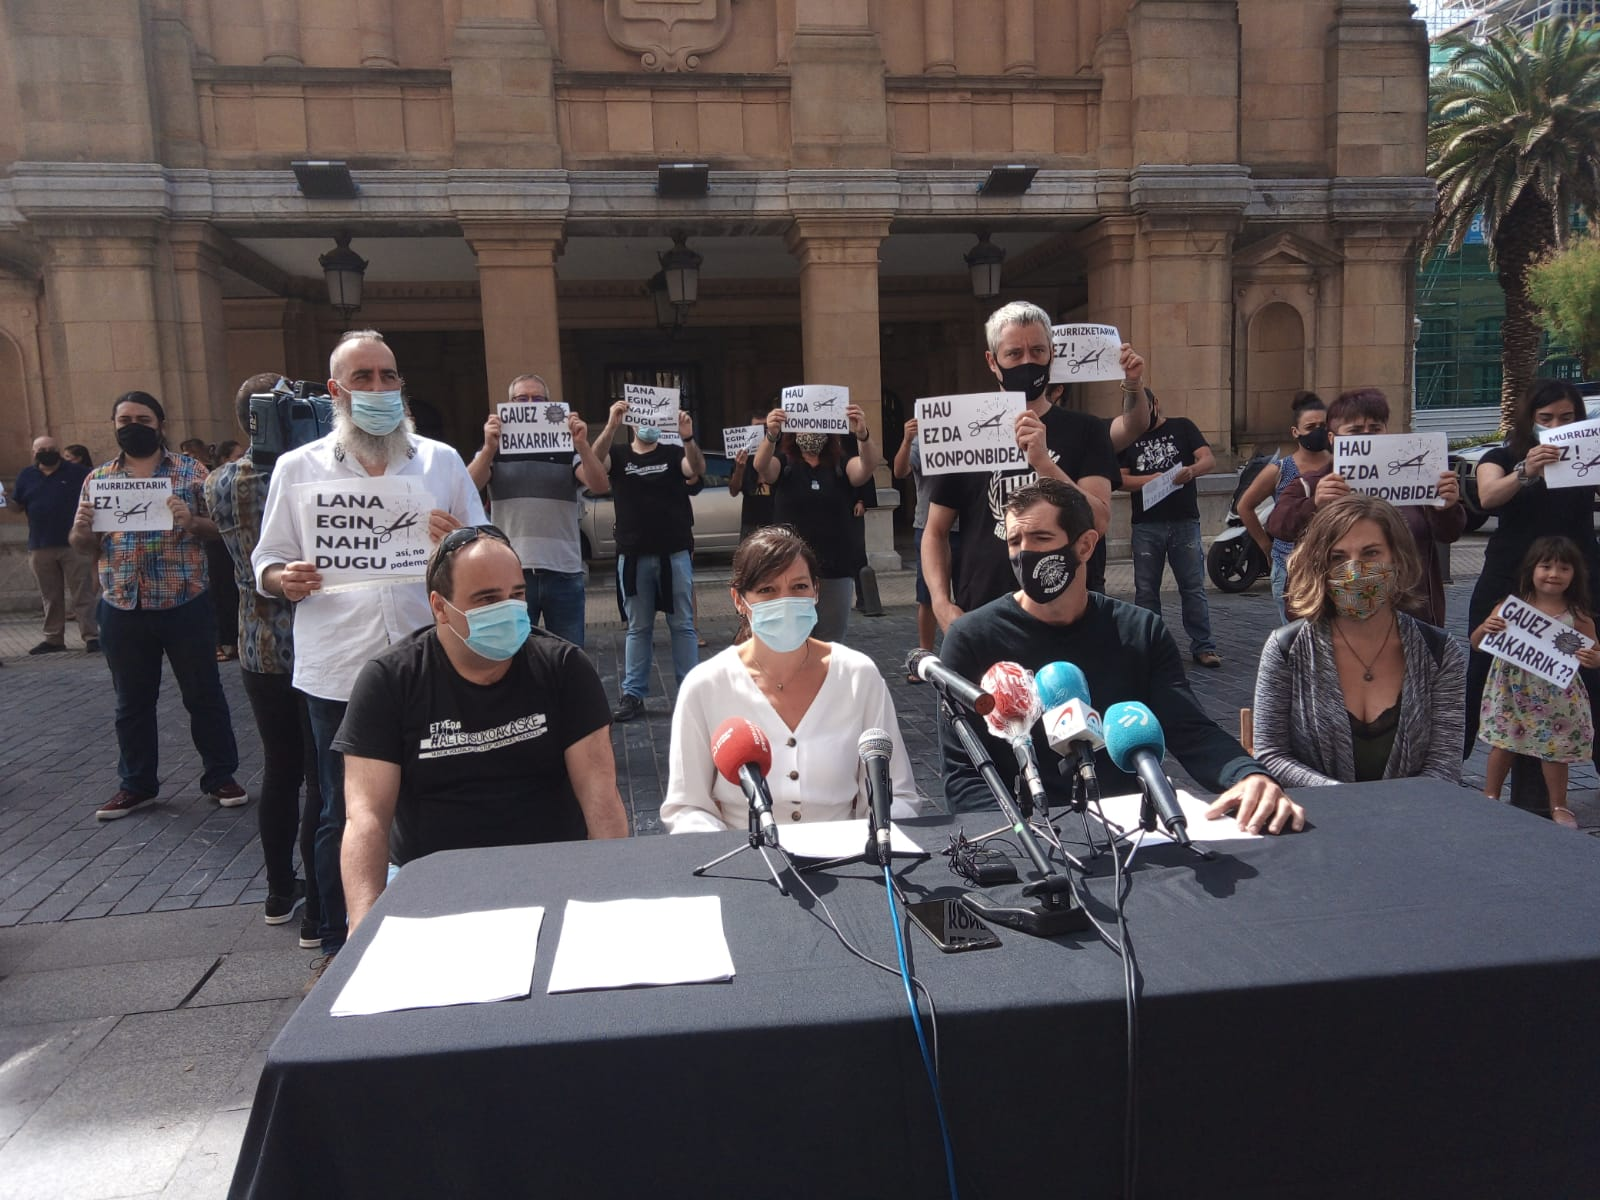 Hosteleros hoy frente al Ayuntamiento. Foto: A.E